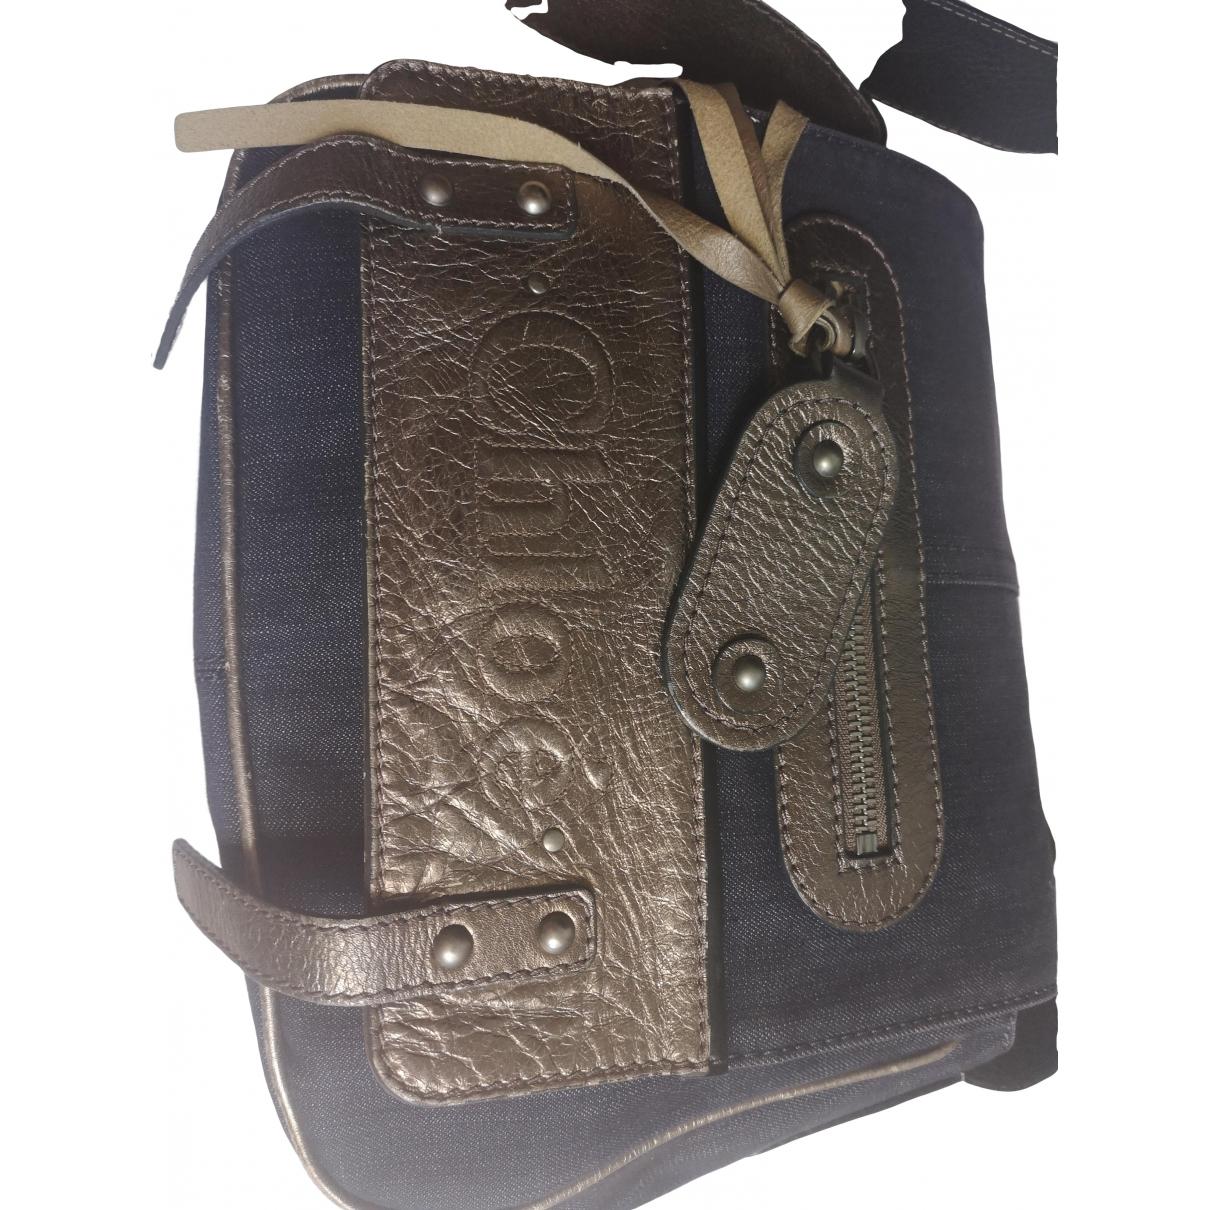 Chloé \N Blue Denim - Jeans handbag for Women \N